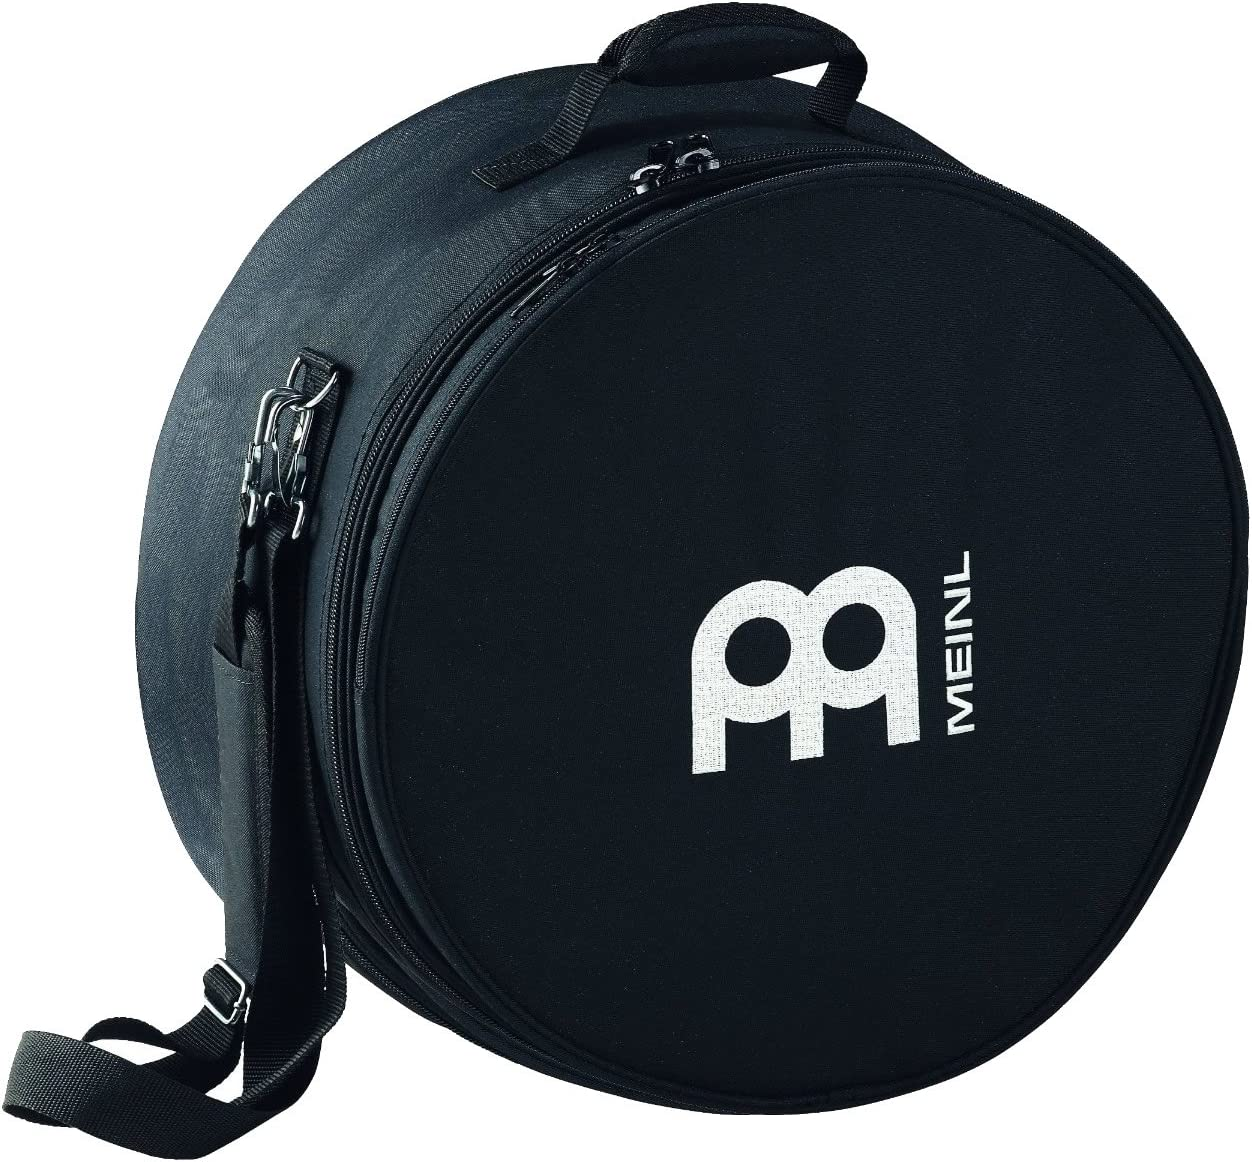 Meinl MCA-12T - Funda para caja de percusión: Amazon.es: Instrumentos musicales